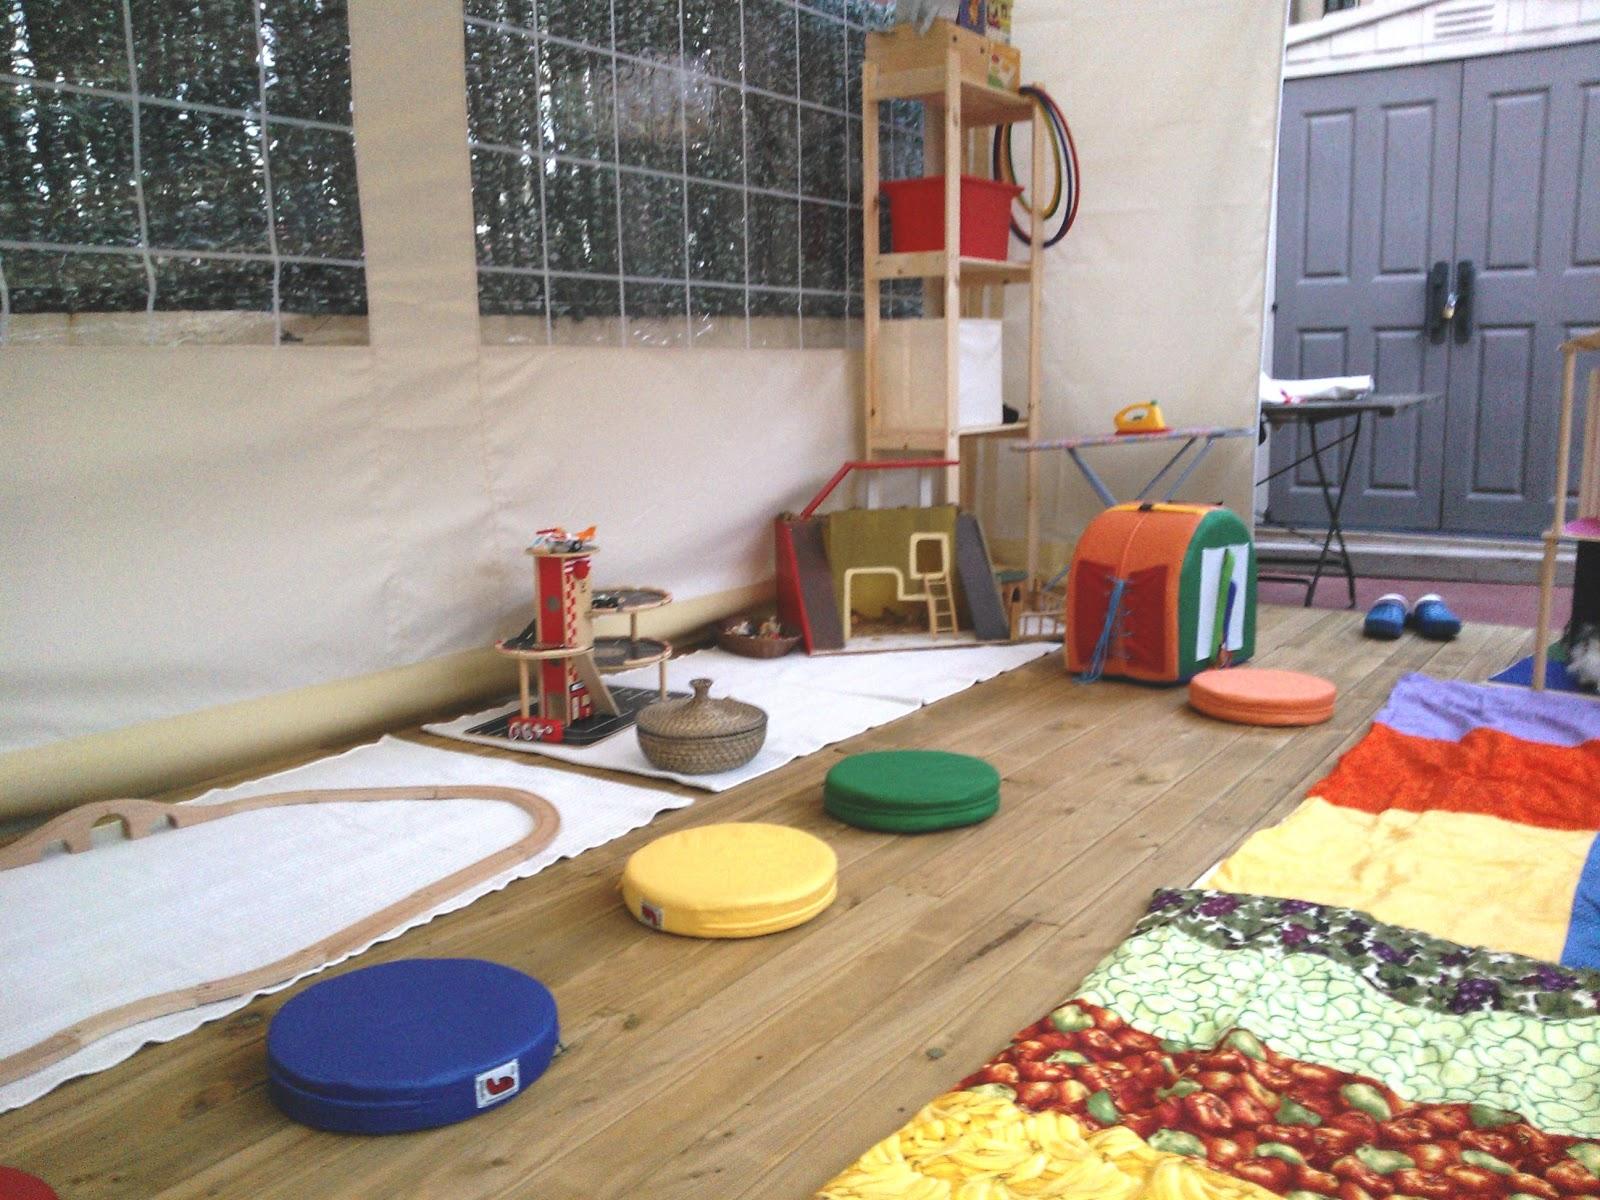 creciendo juntos espacio infantil barcelona zona exterior